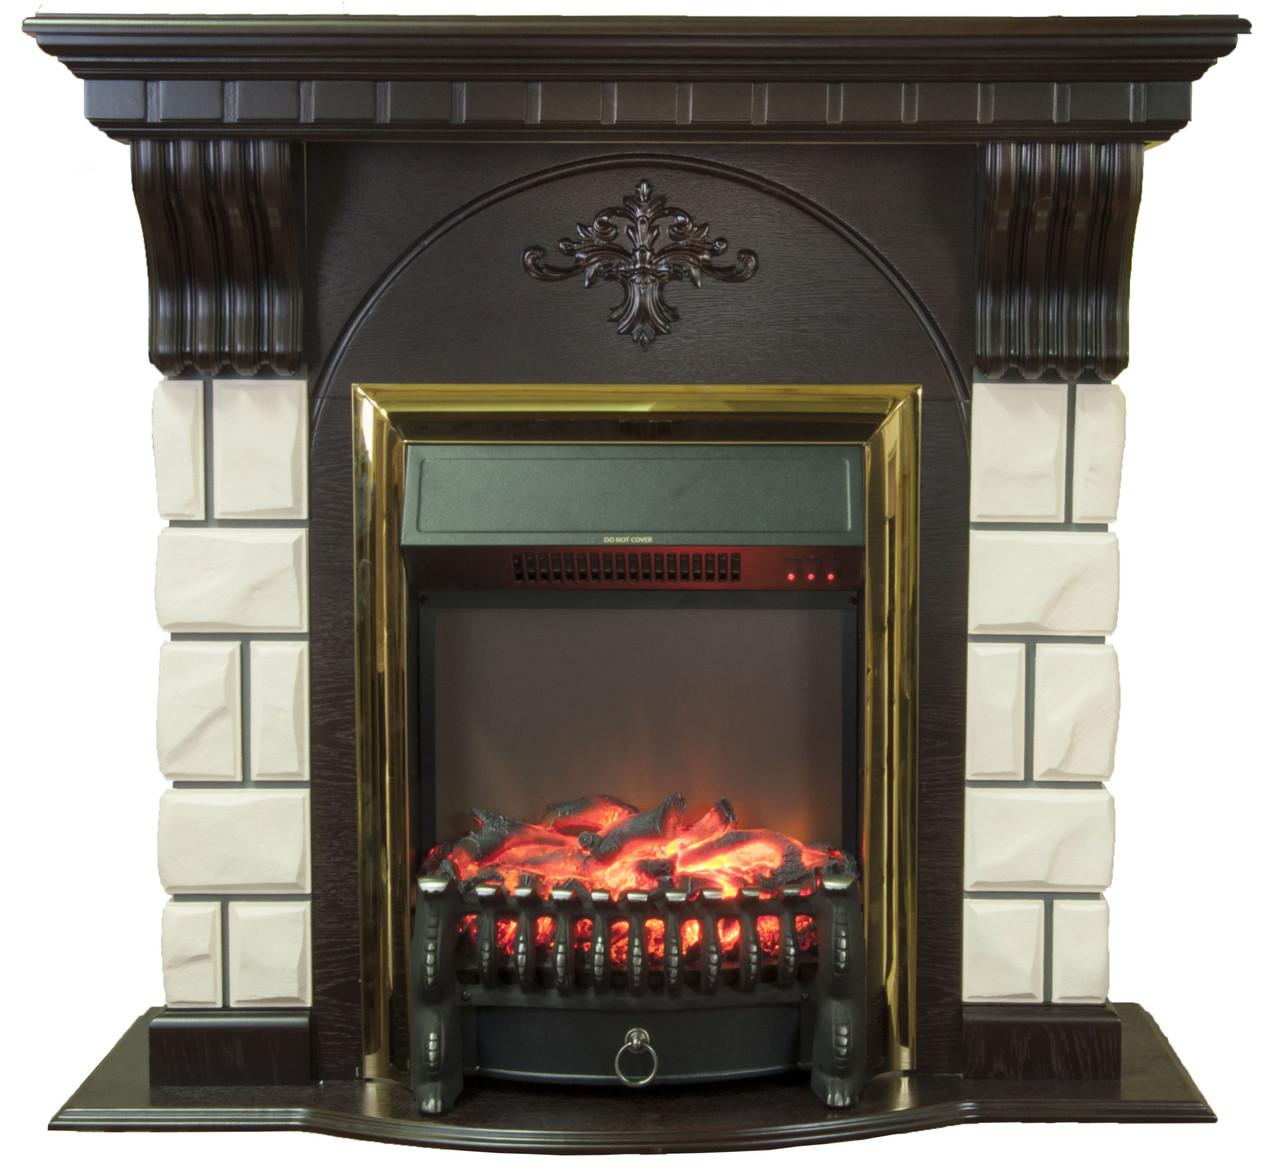 Электрический каминокомплект из МДФ Fireplace Рим эффект пламени прогоревших дров со звуком